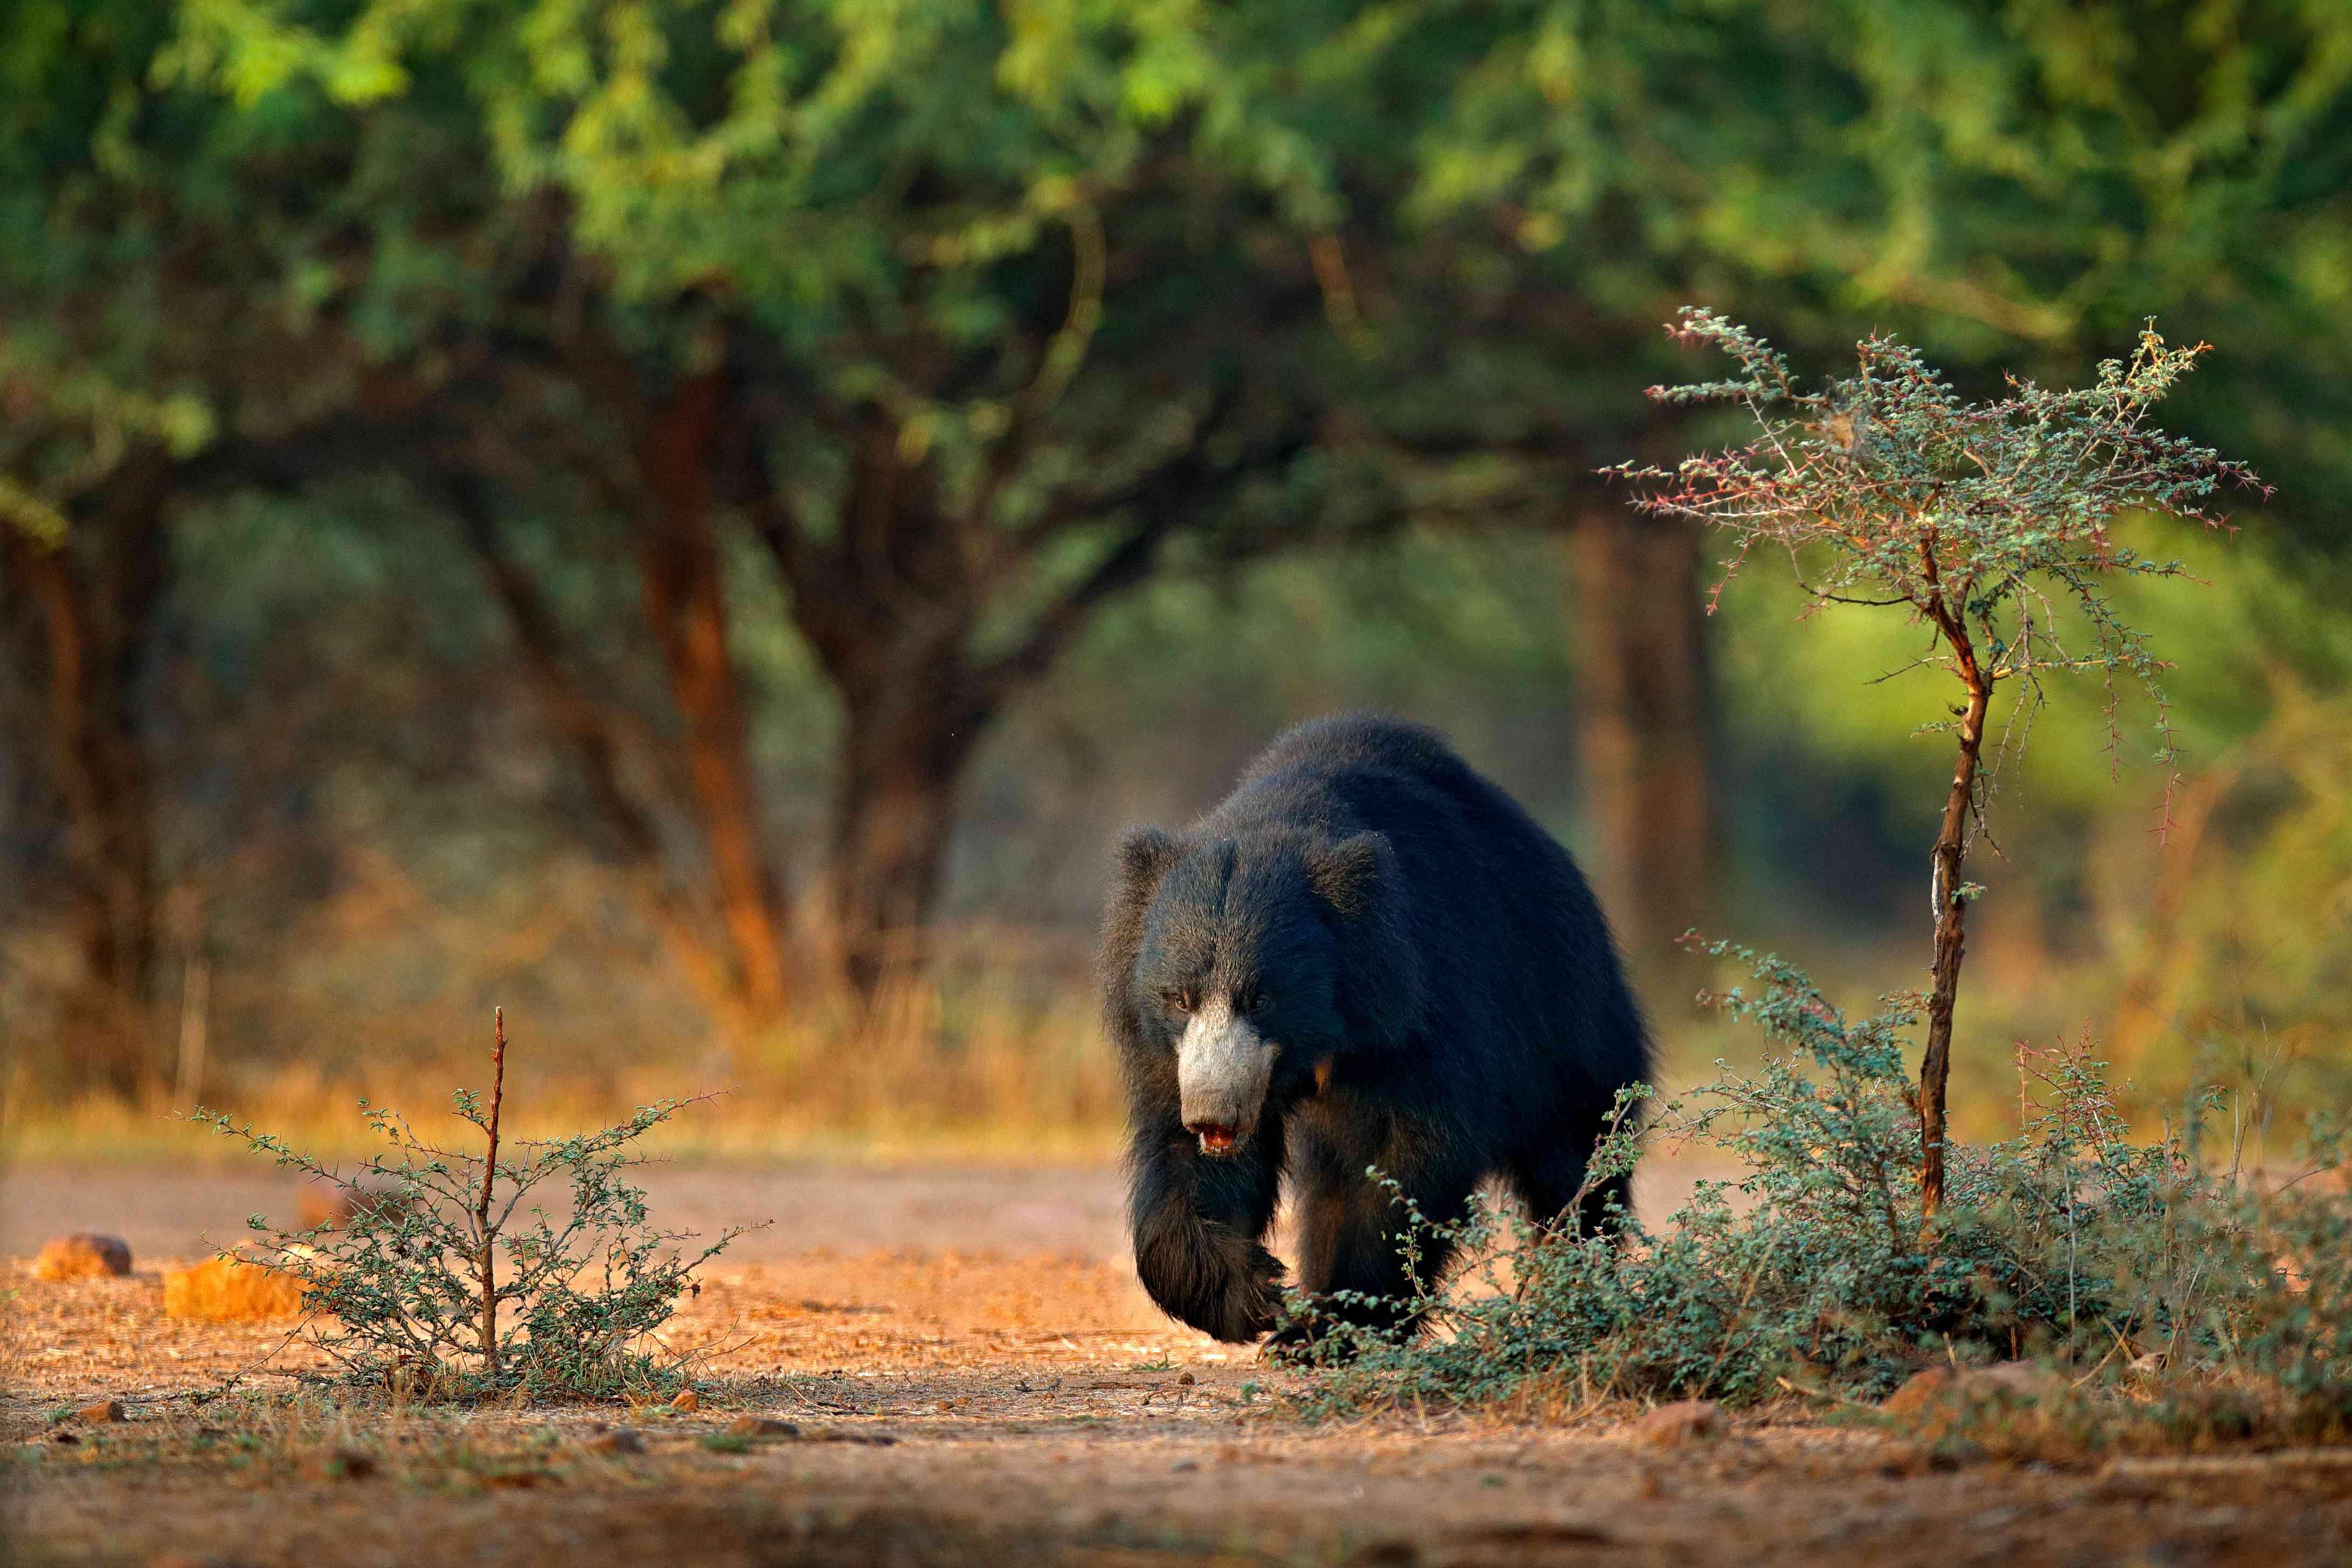 Sloth bear walking in Ranthambore National Park, India